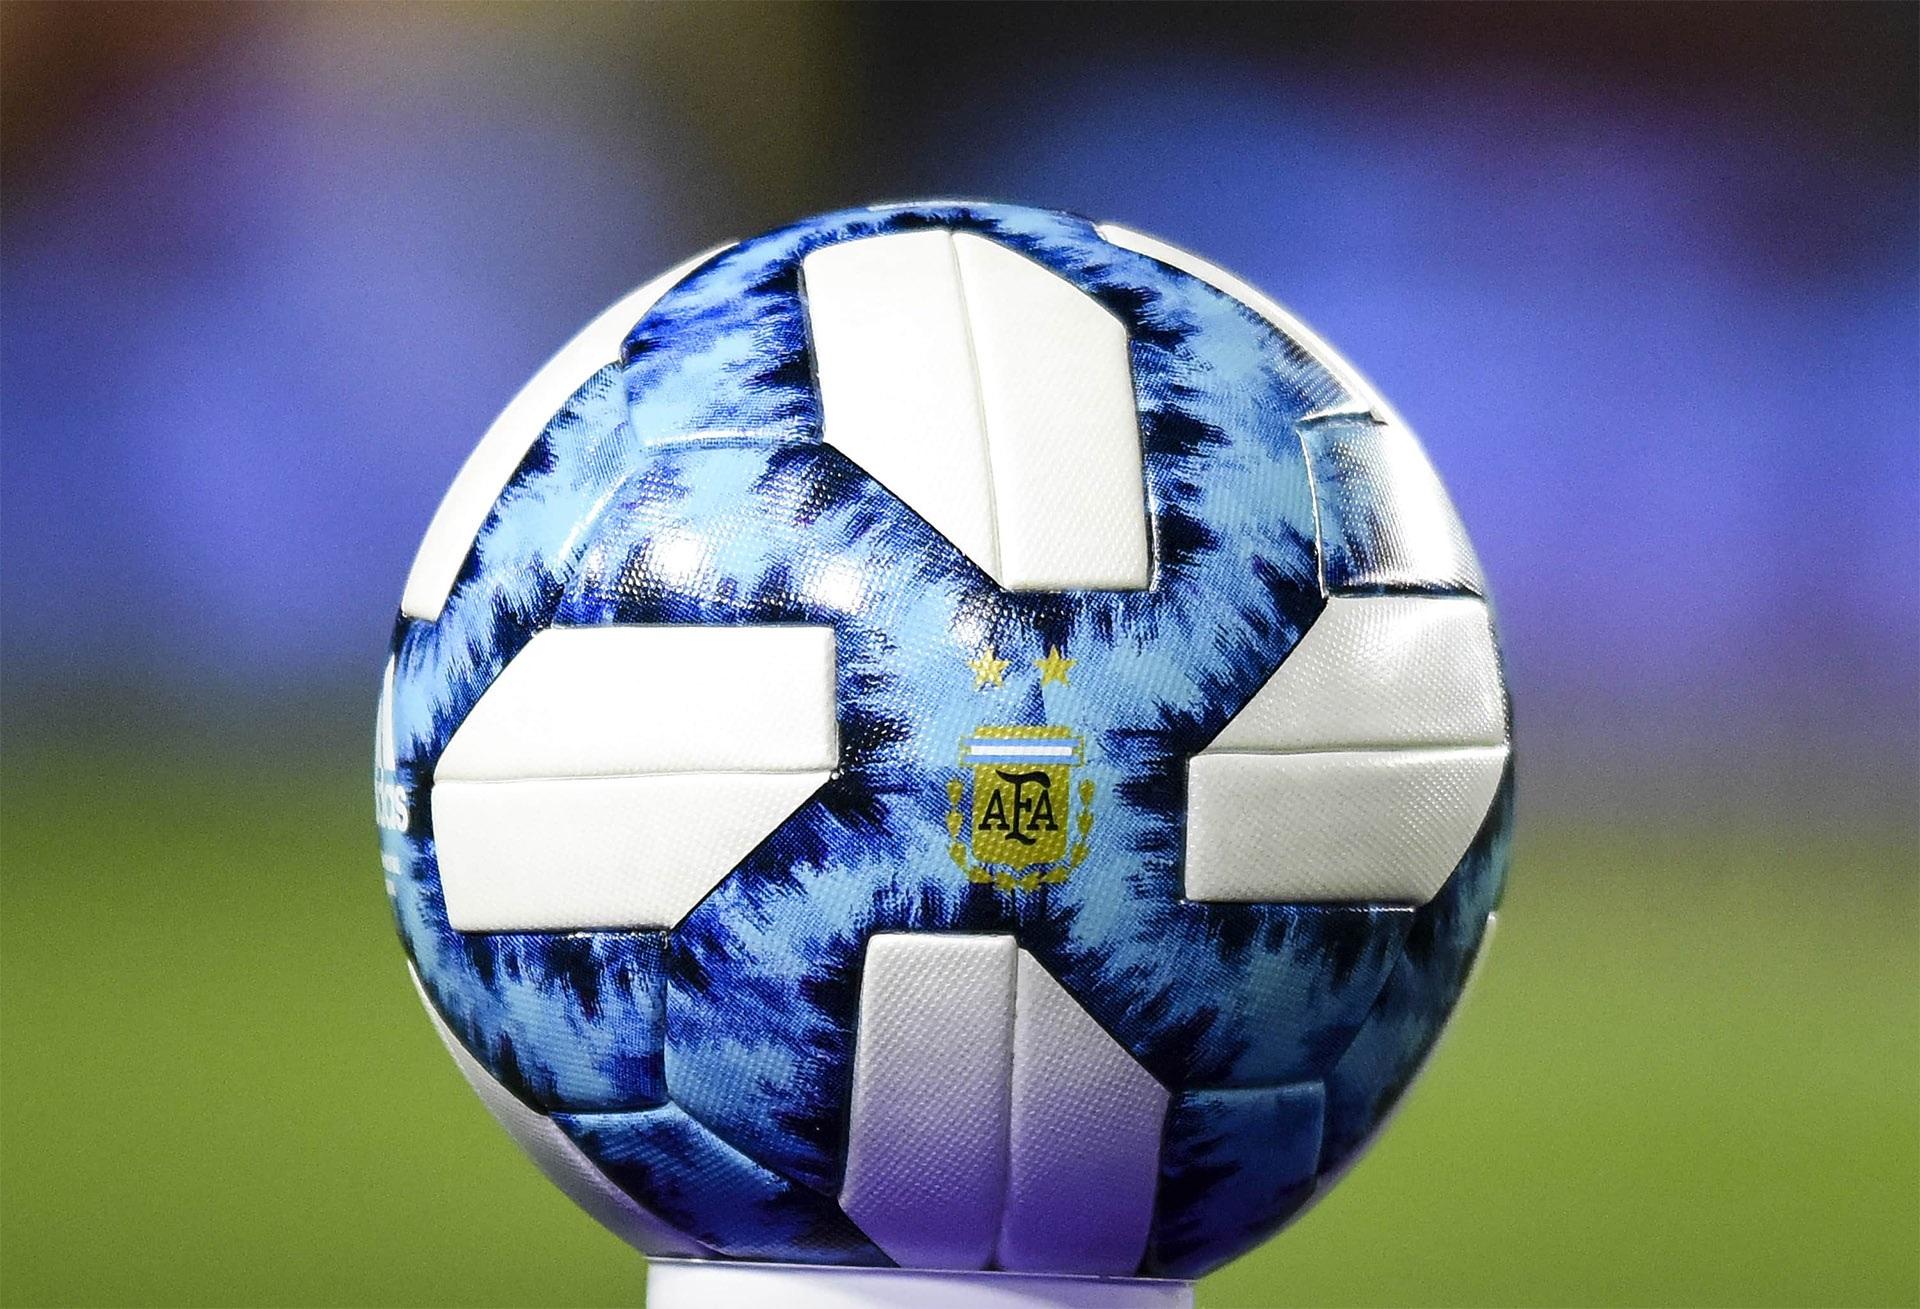 Fútbol: Los partidos amistosos, pasados por agua